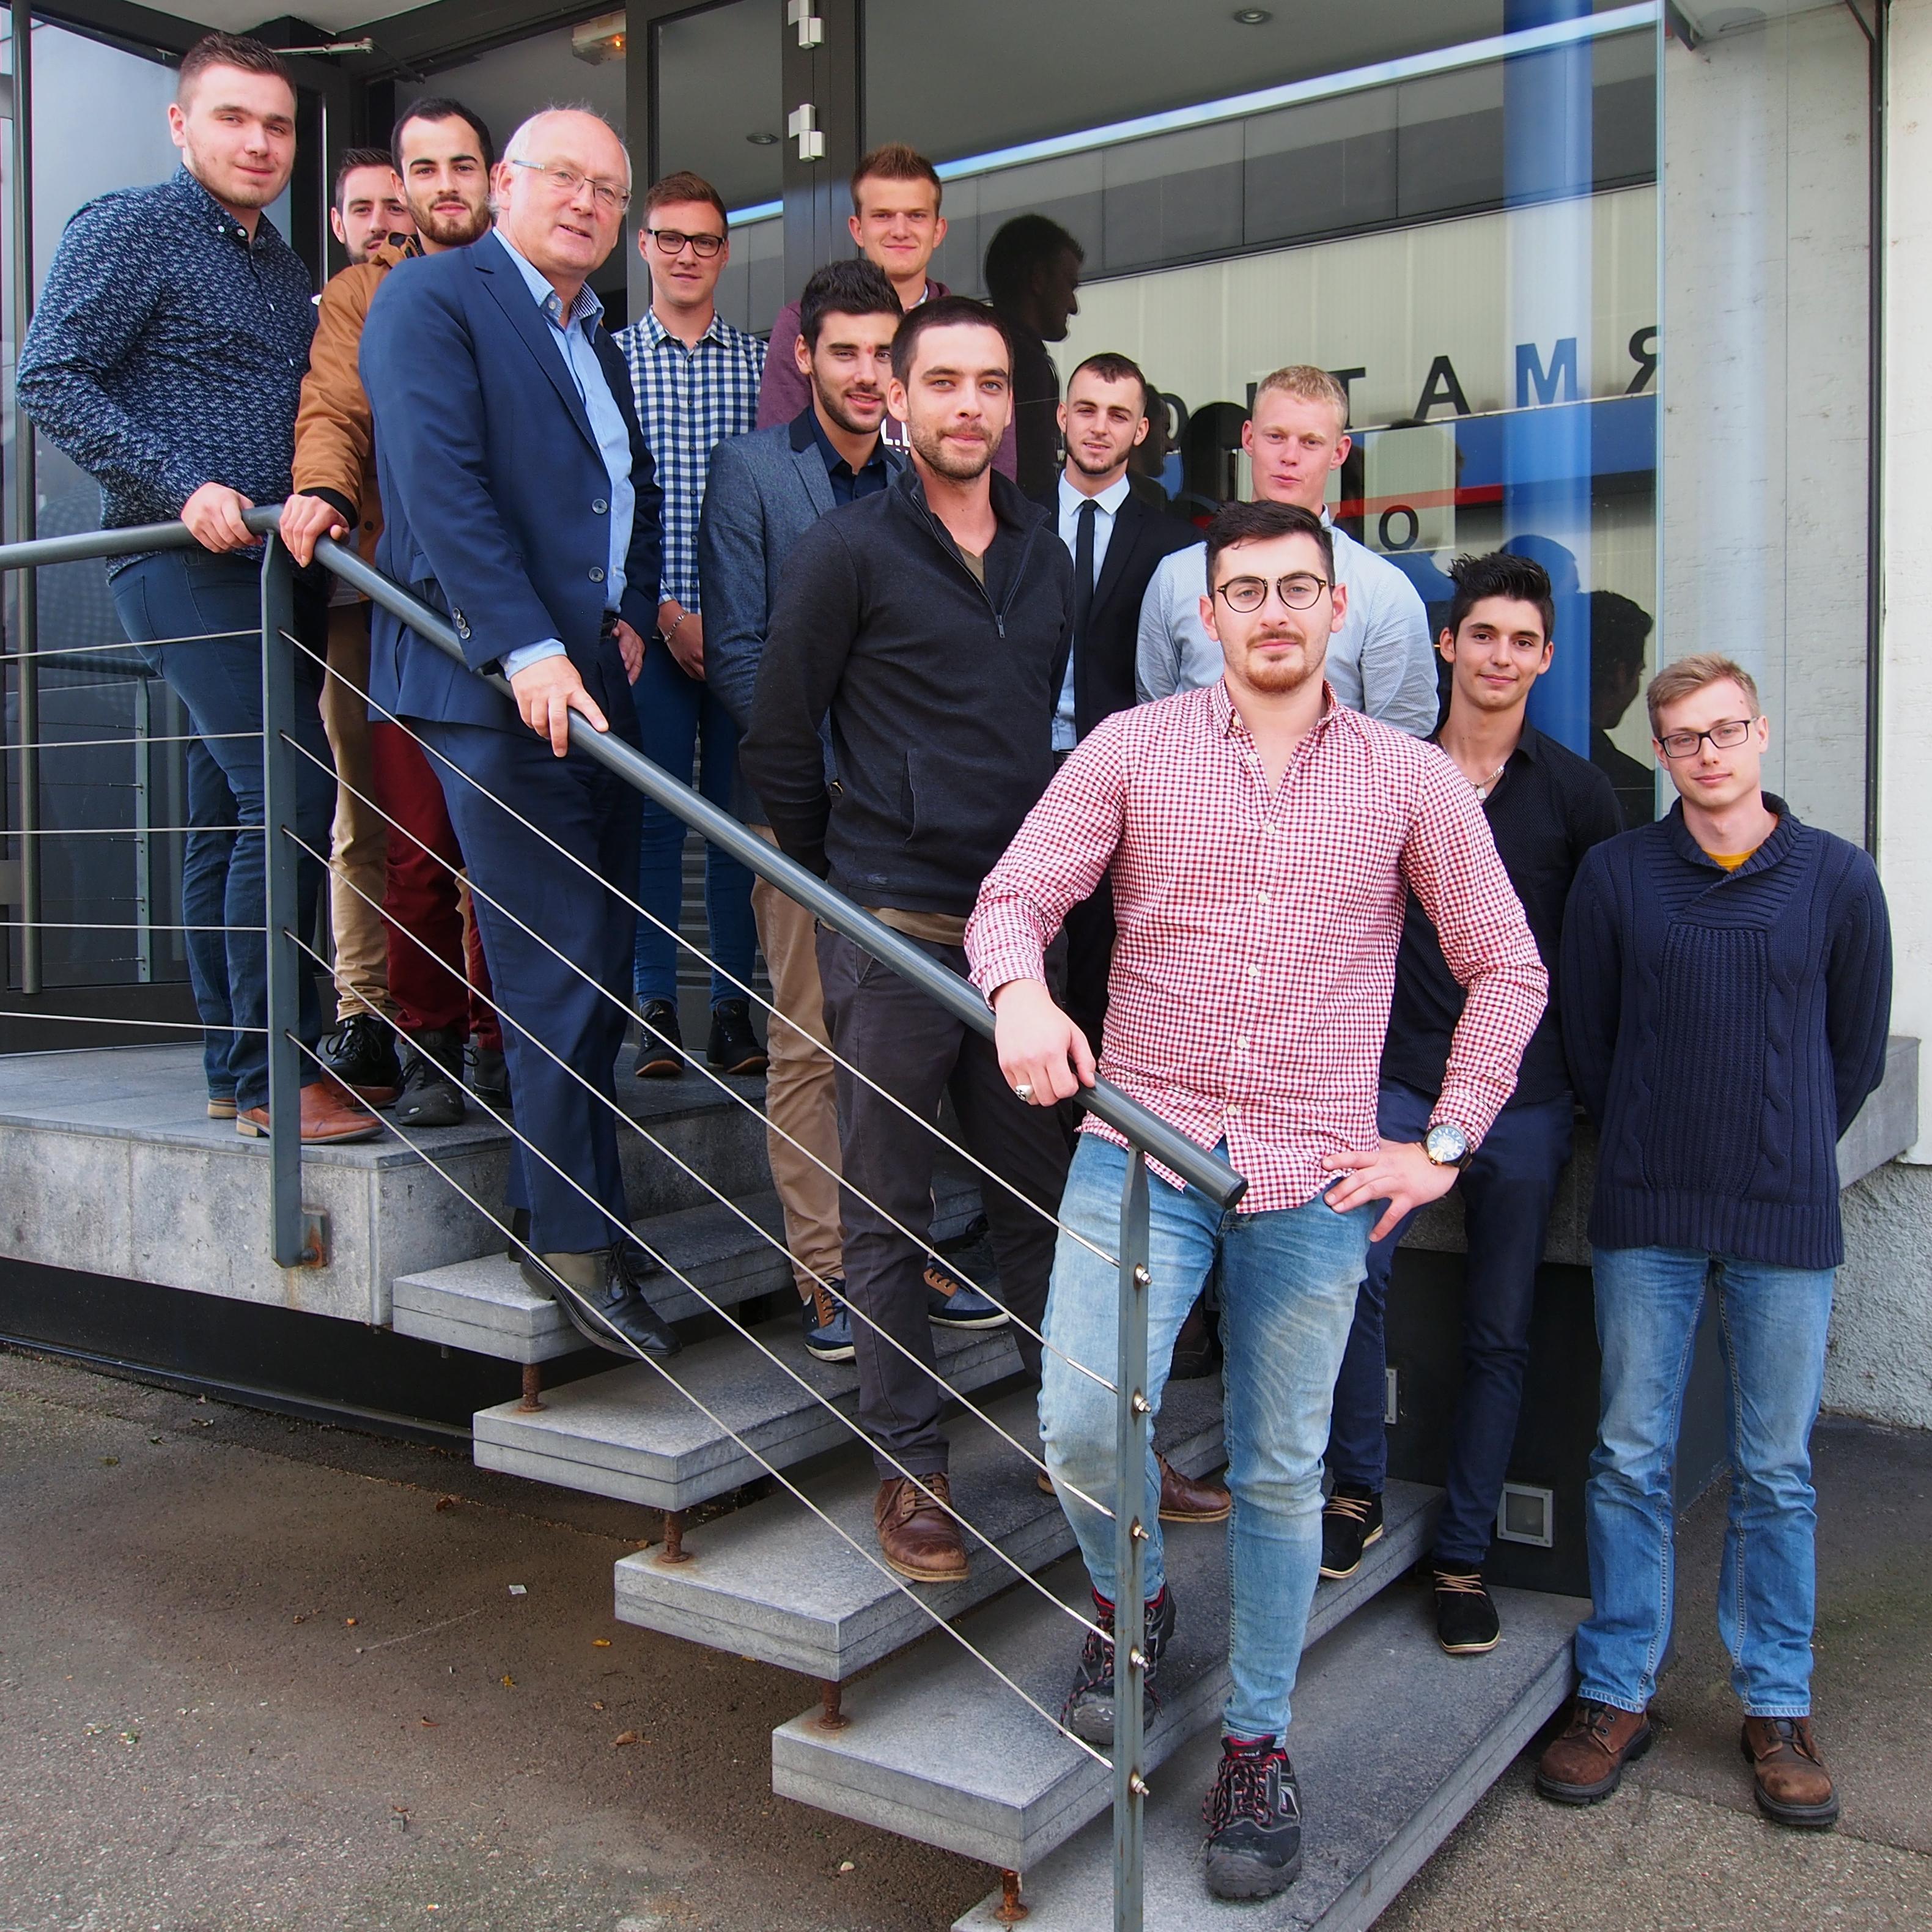 Soprema entreprises lance une formation de conducteur de - Soprema strasbourg ...